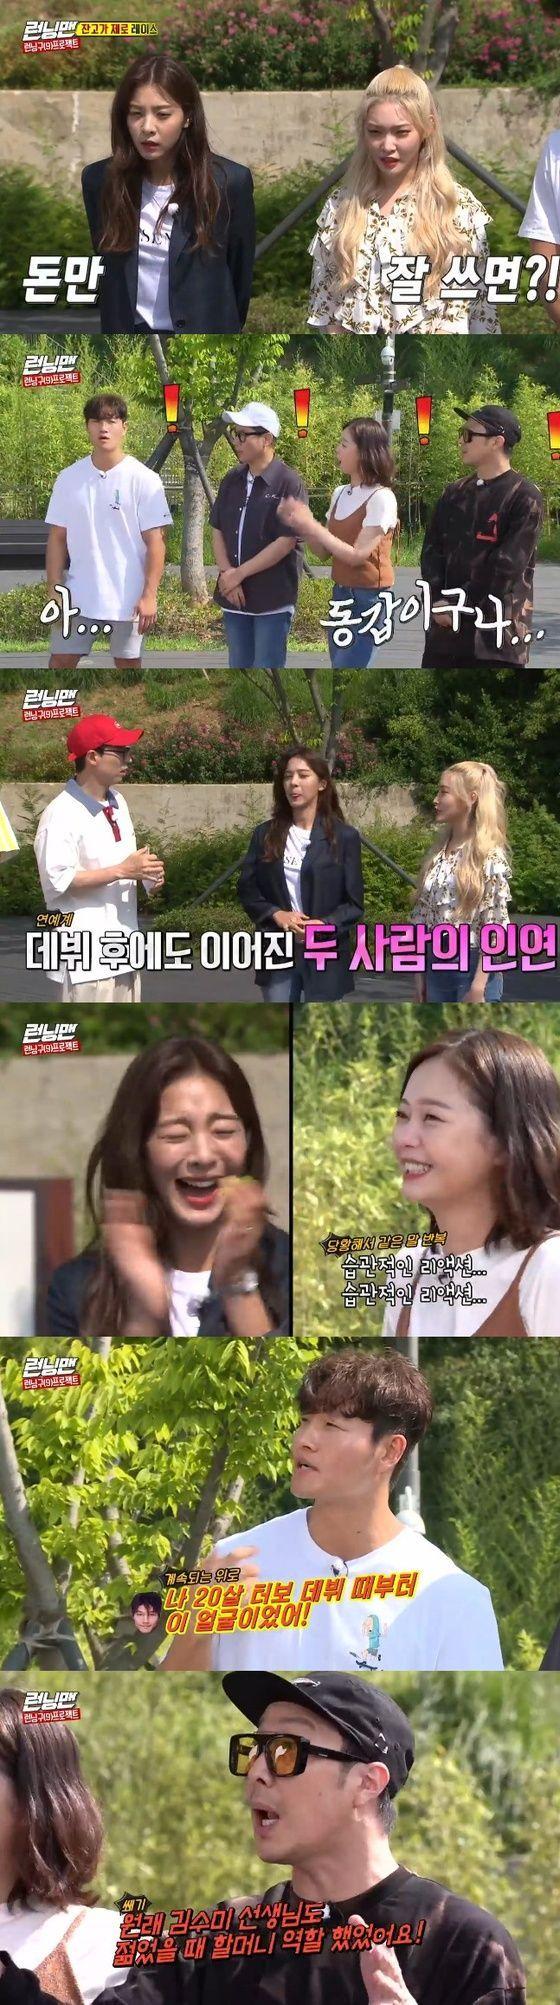 탤런트 설인아와 가수 청하가 '런닝맨'에 출연해 동갑이라고 밝혀 화제다./사진=방송 캡쳐